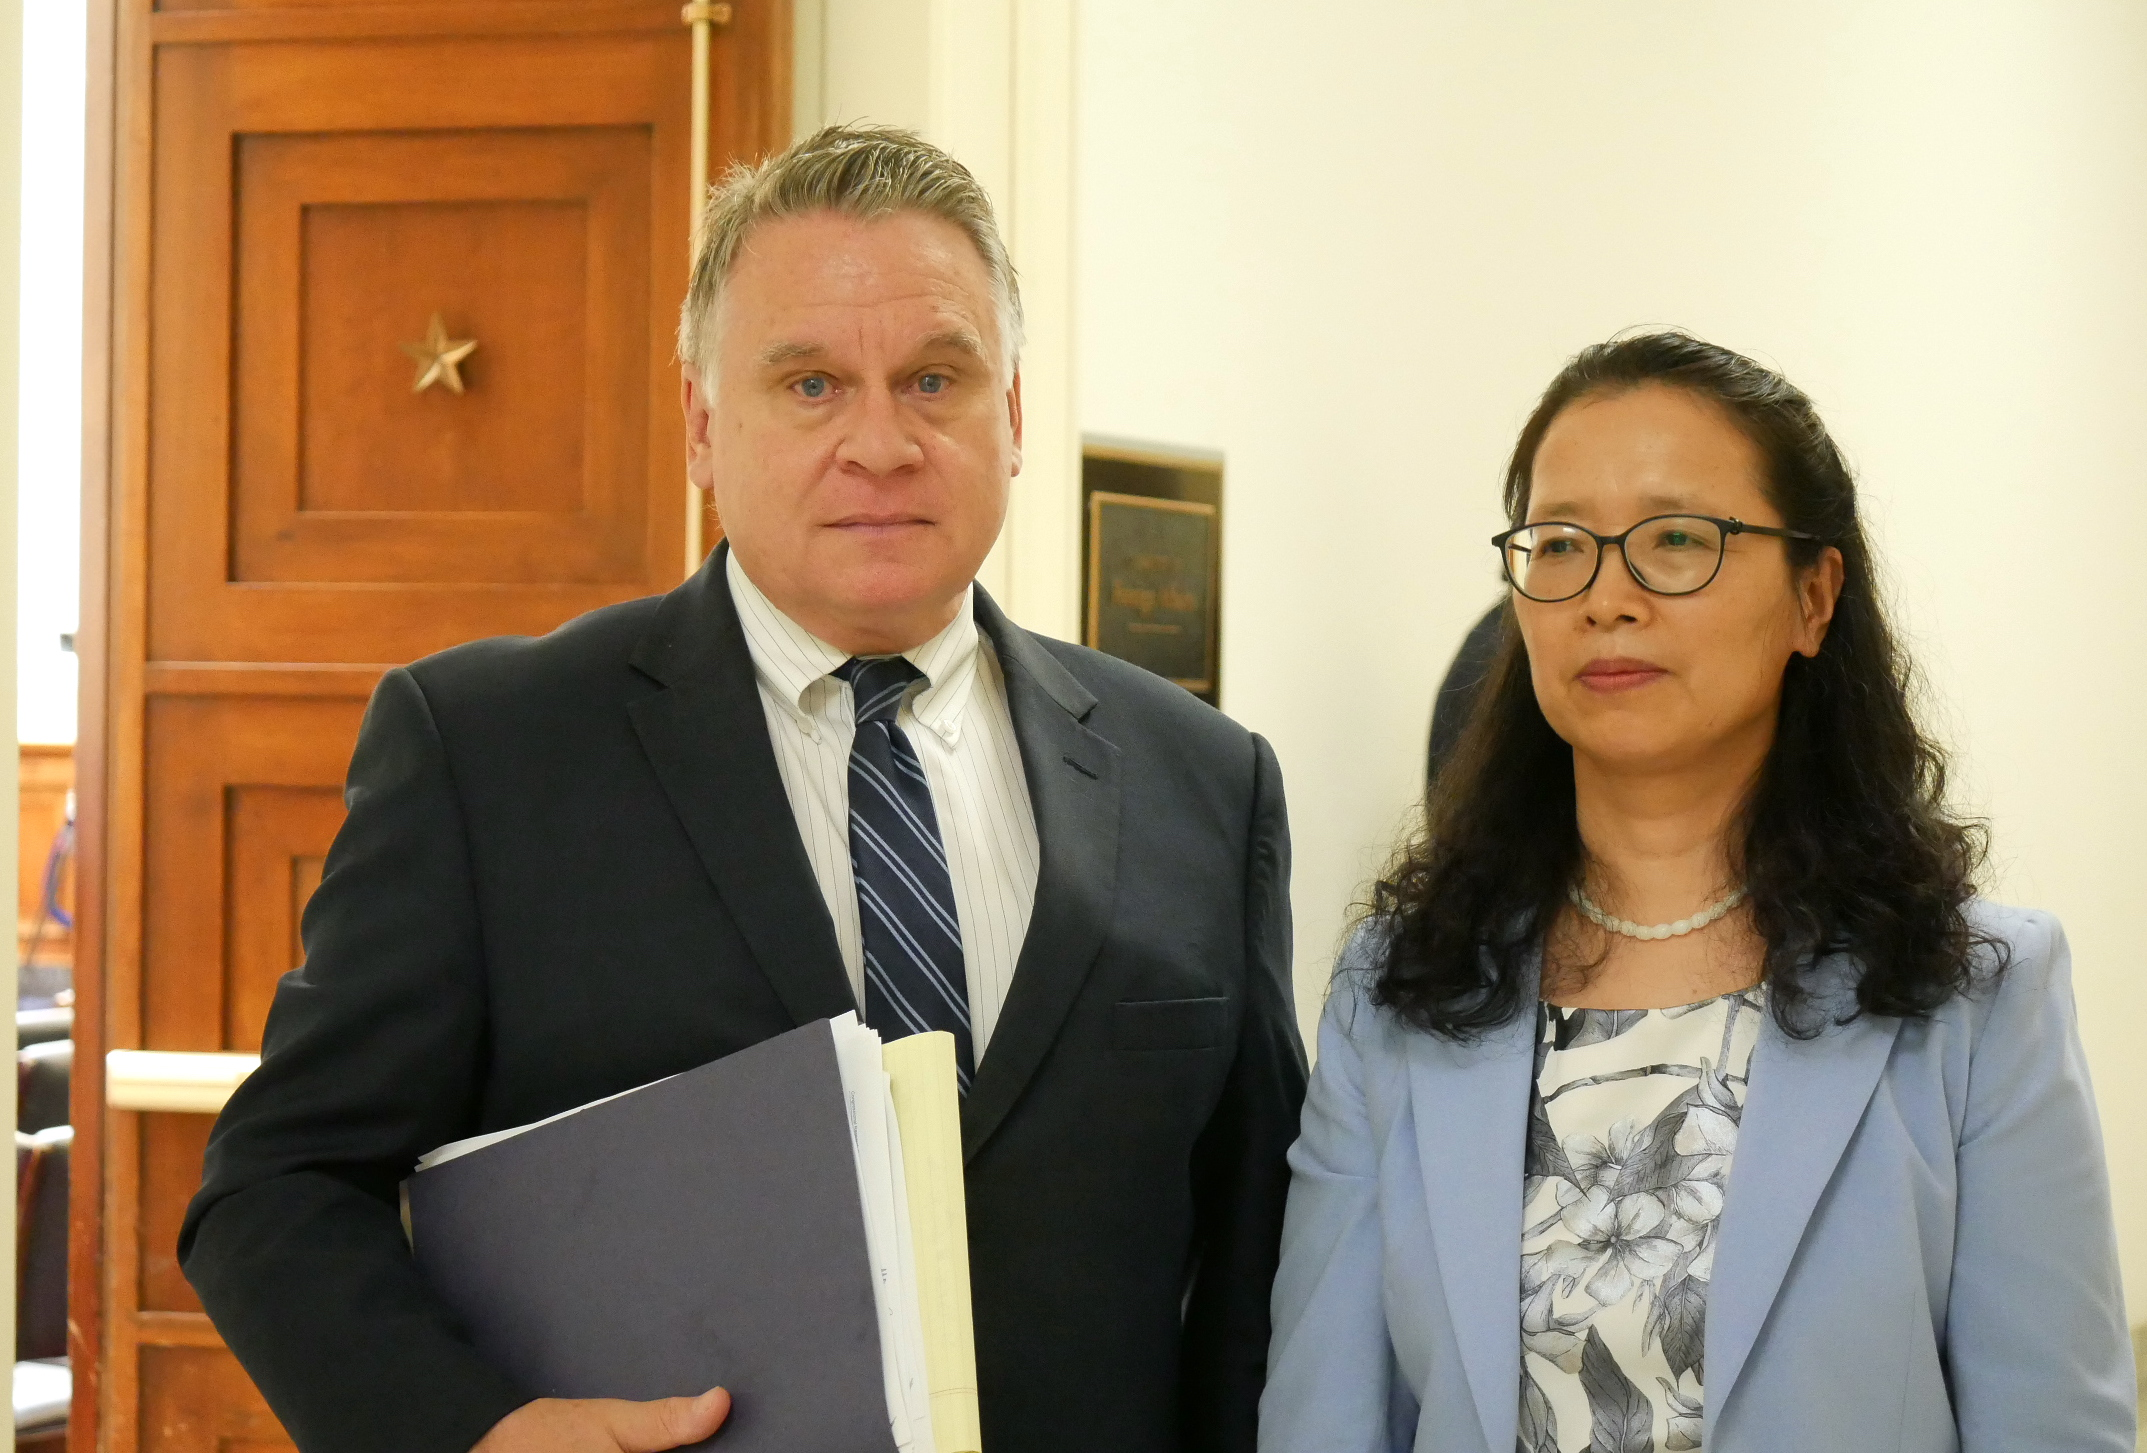 馬振宇蘇州監獄遭酷刑 美議員:願助營救